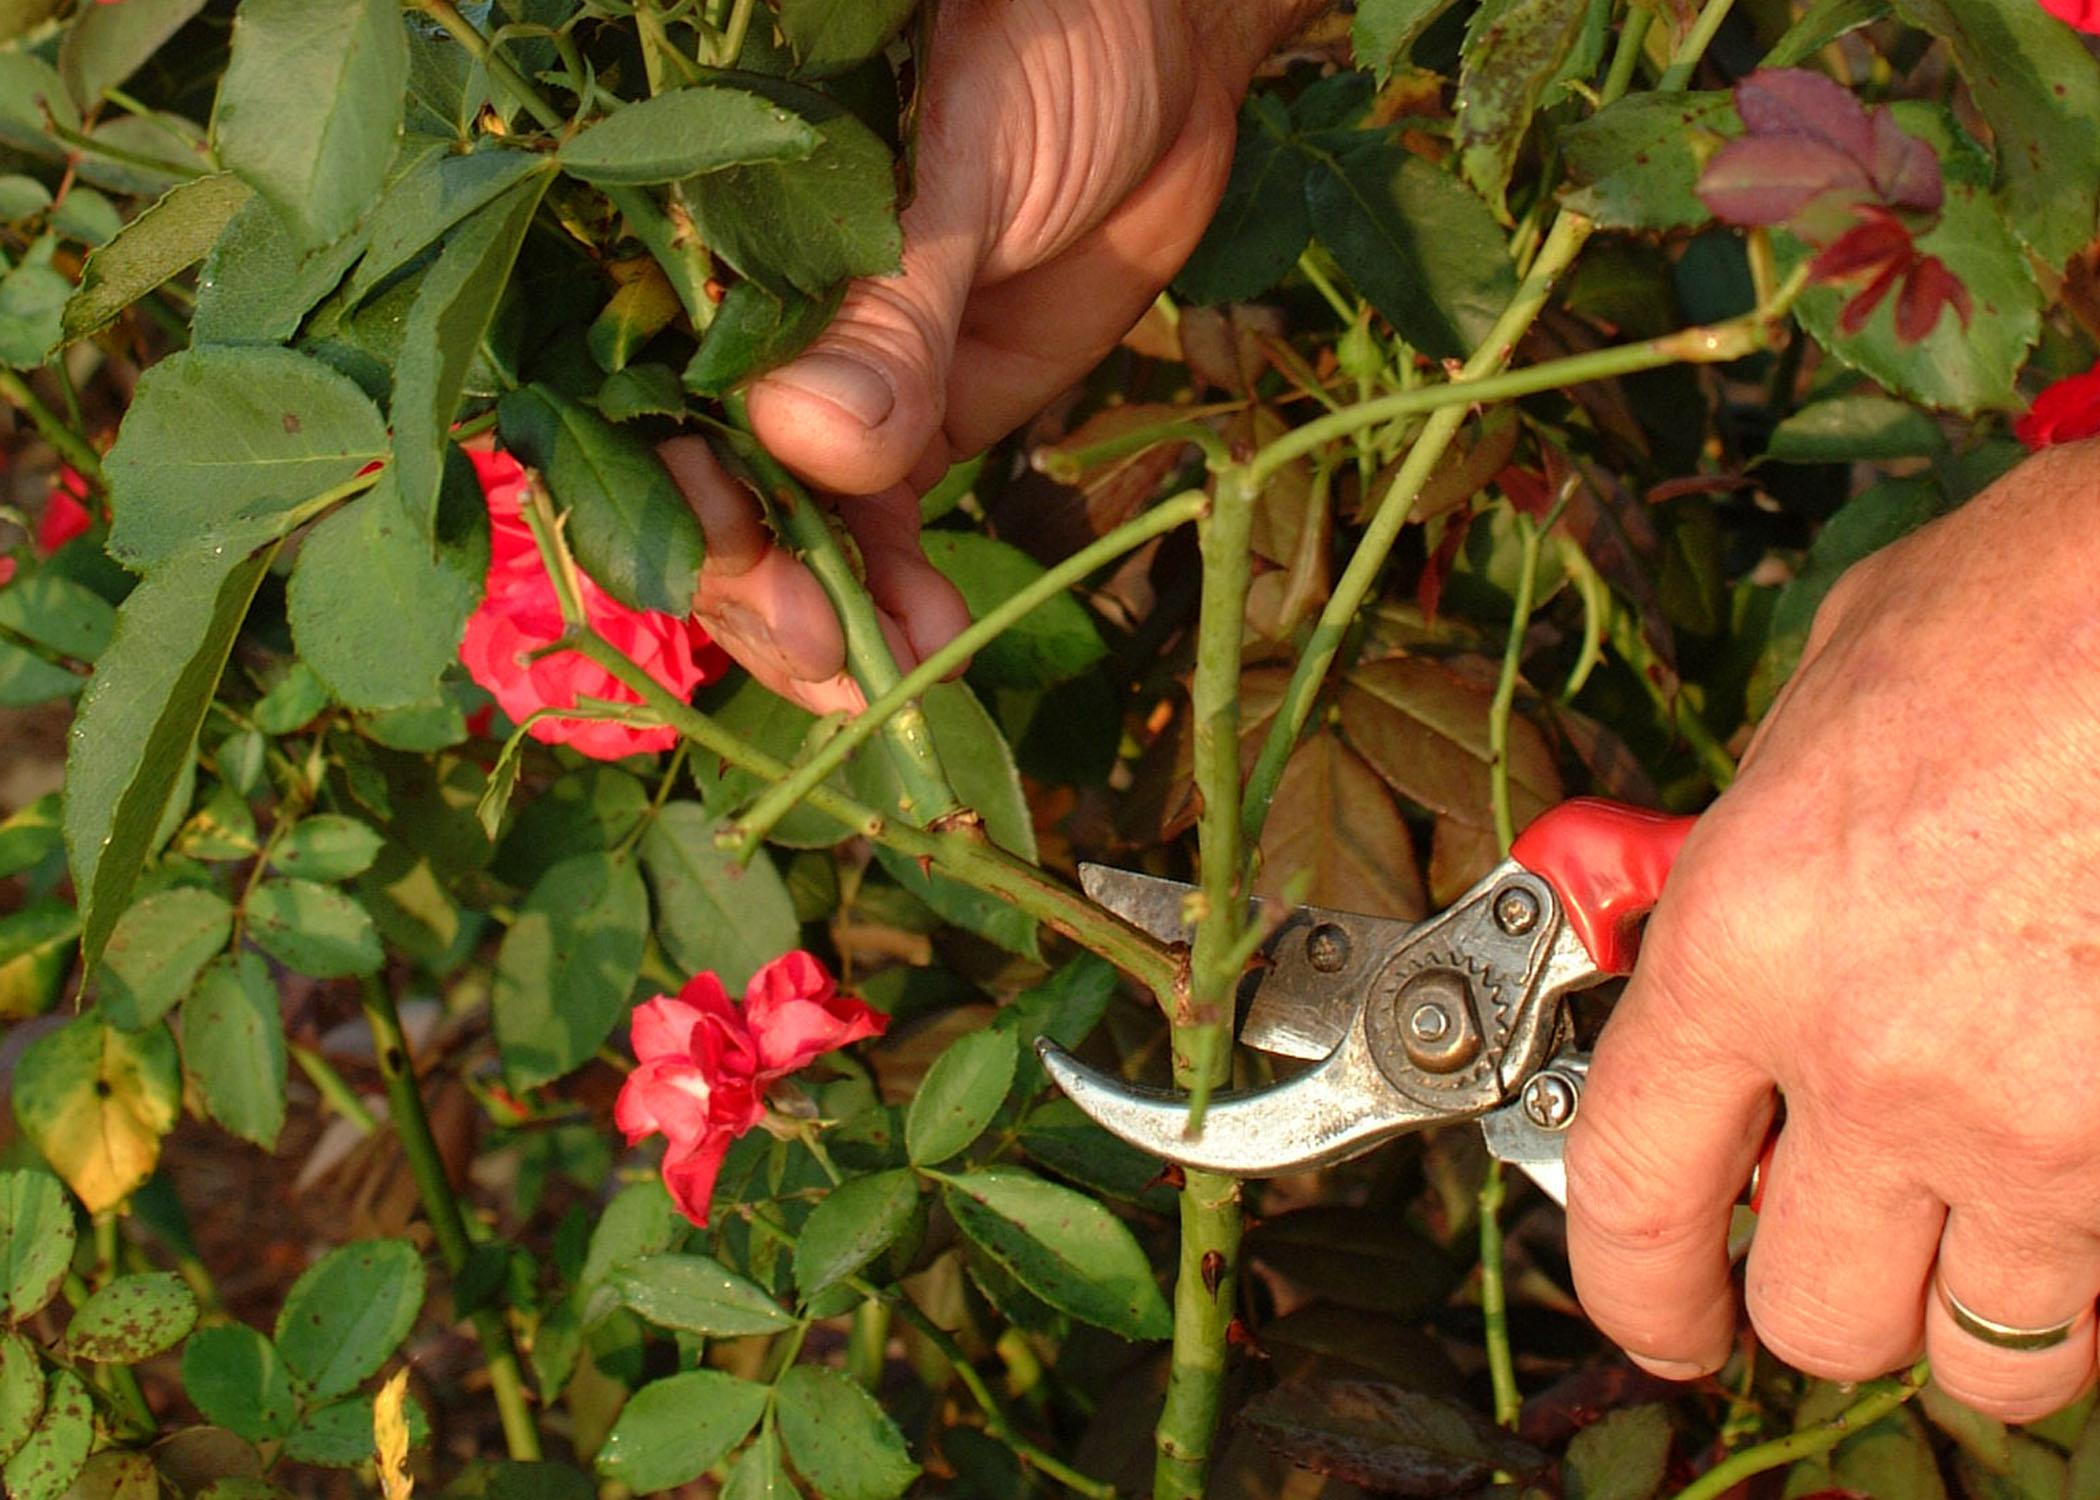 How to trim a rose bush - Rose Pruning 05 Jpg Thumbnail